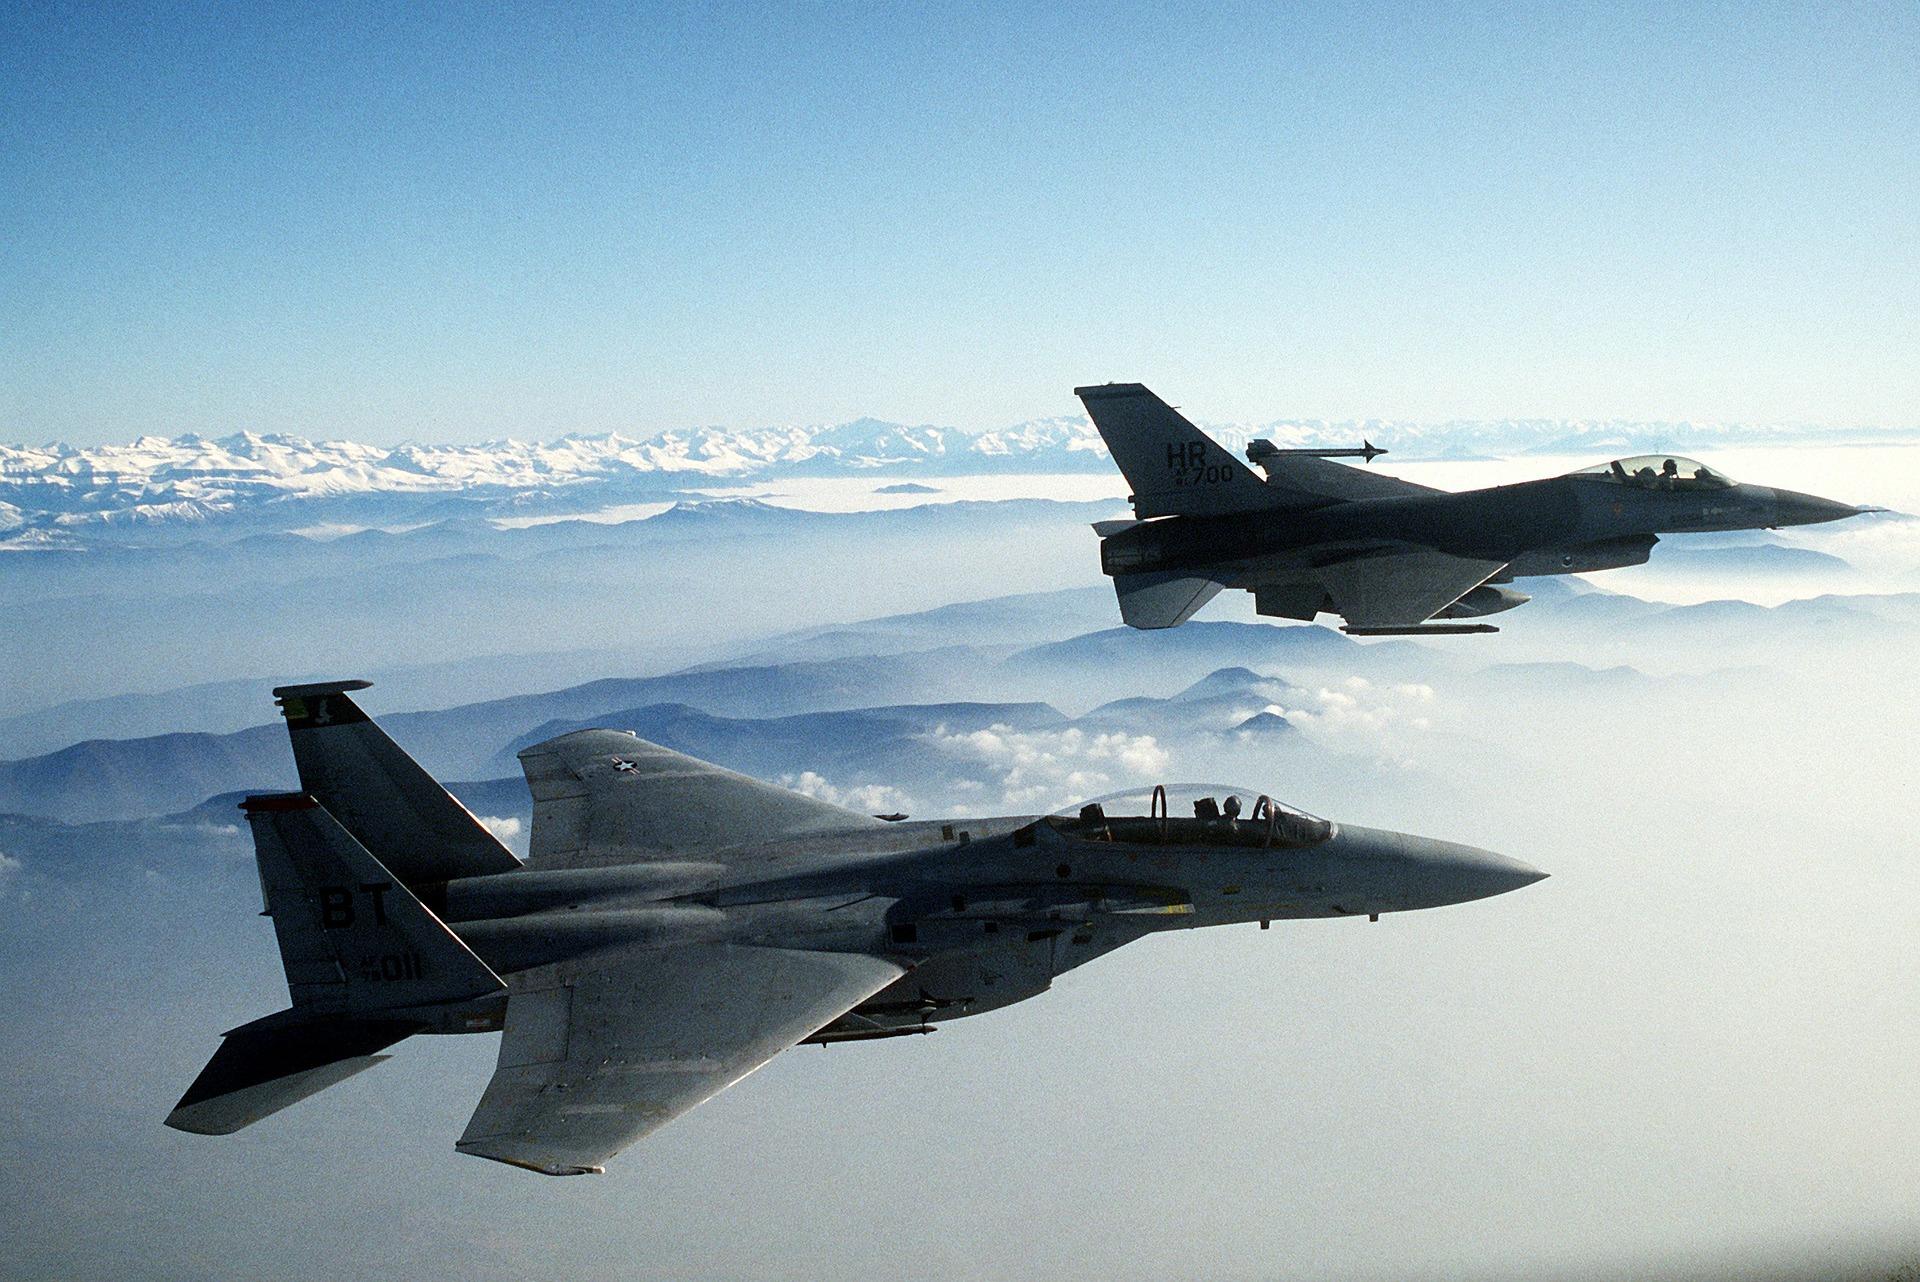 США по приказу Байдена нанесли удар по объектам проиранских групп в Сирии